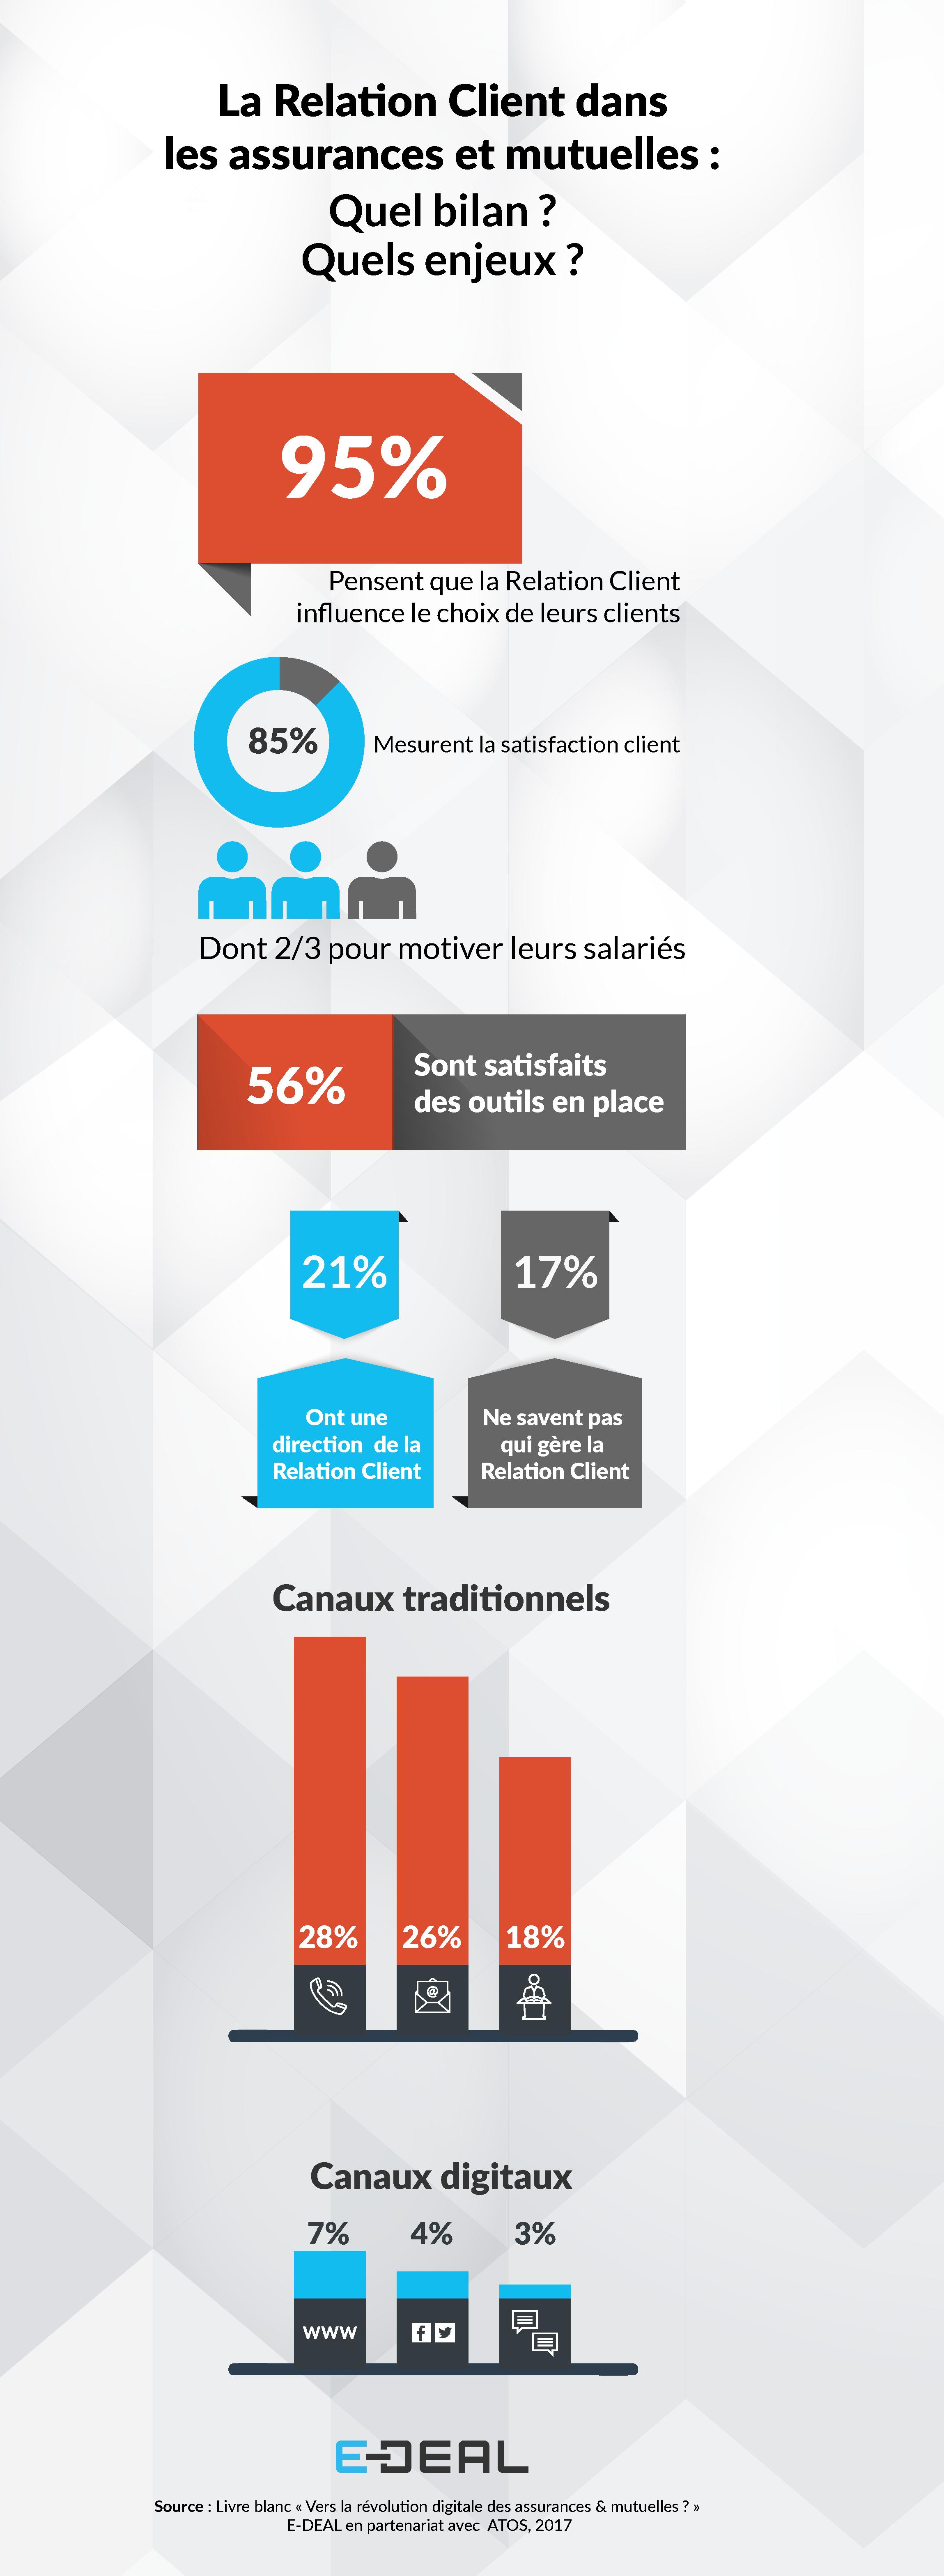 E-DEAL infographie relation client assurance et mutuelle